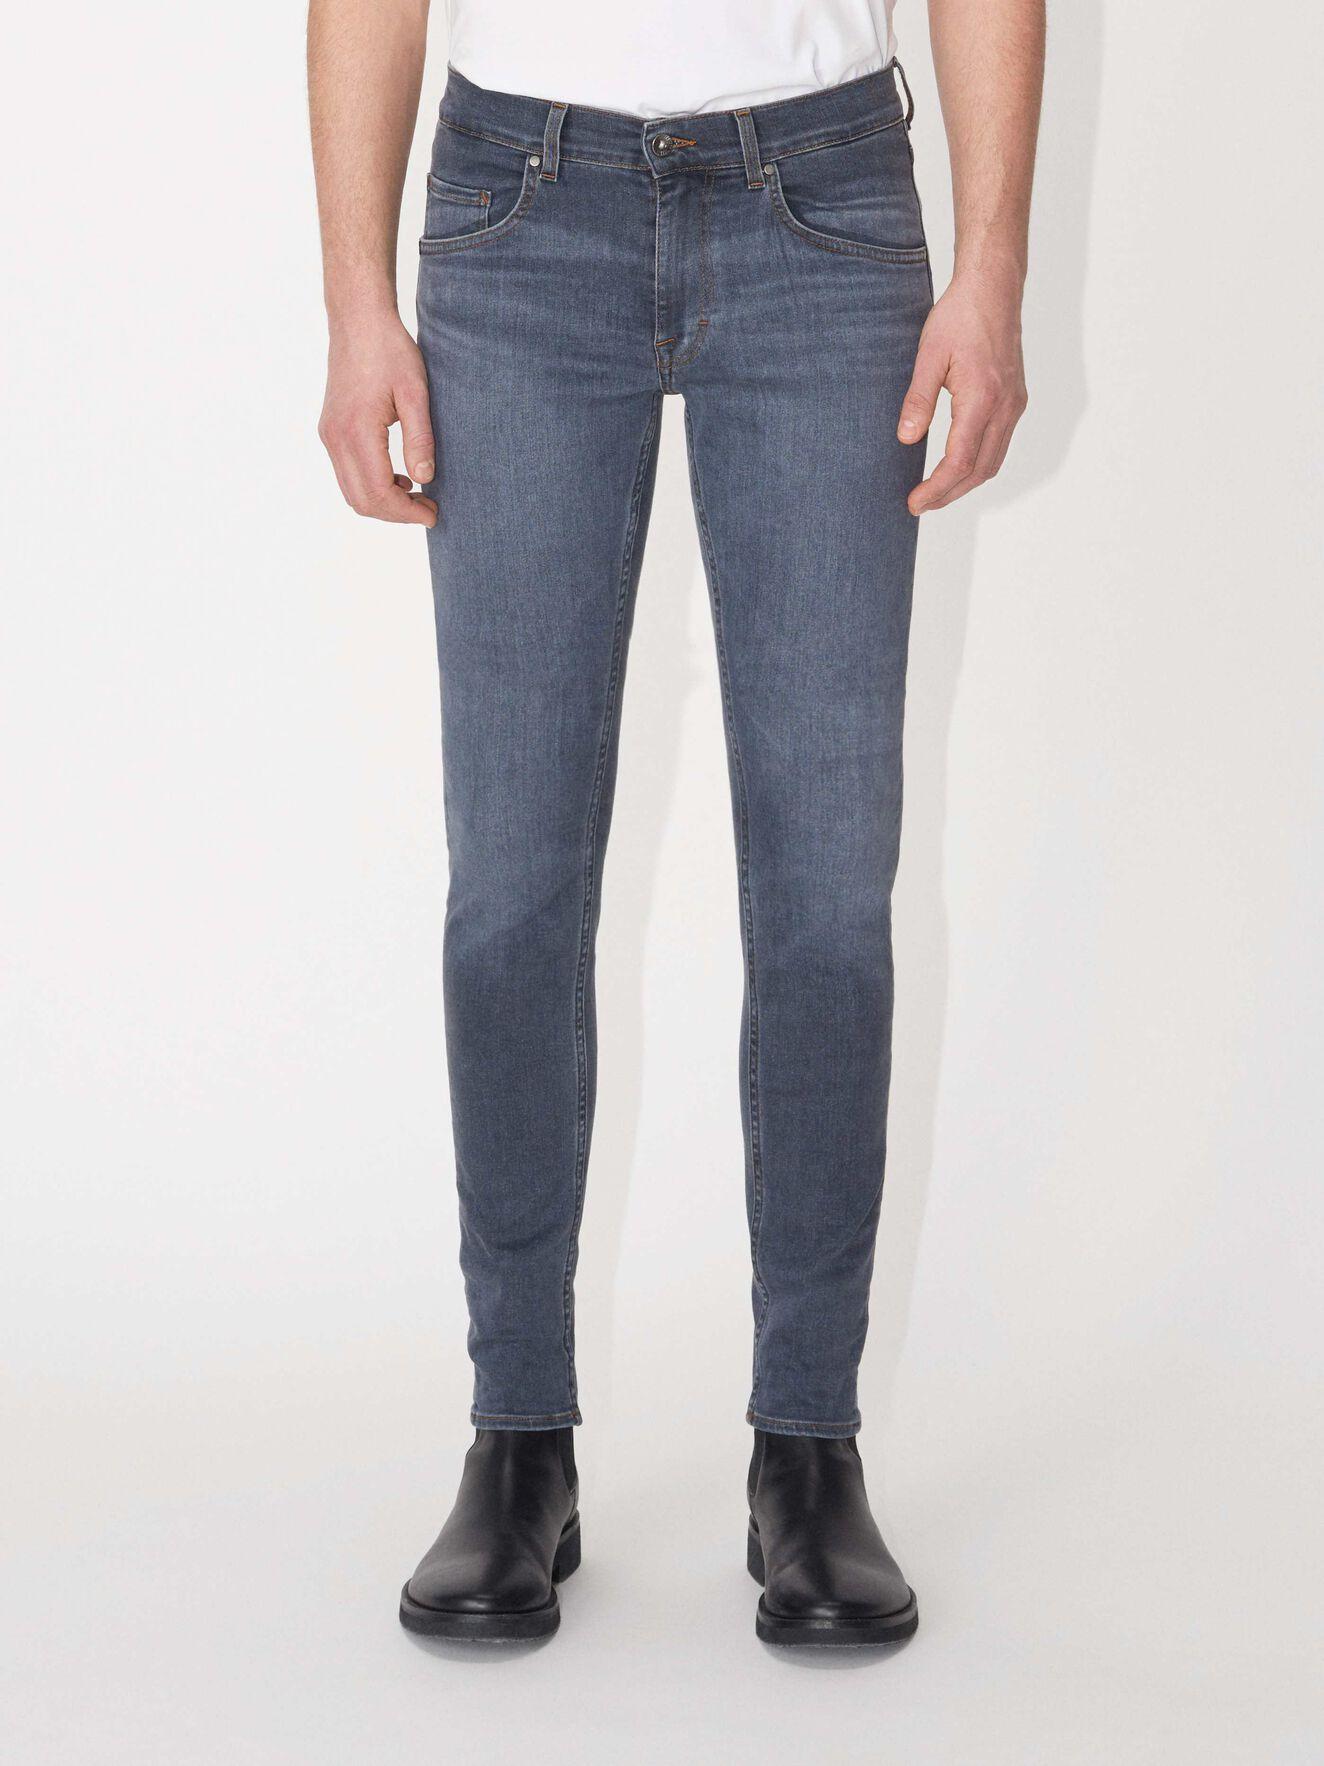 0abae4000d9 Jeans - handla designerjeans för män online på Tiger of Sweden